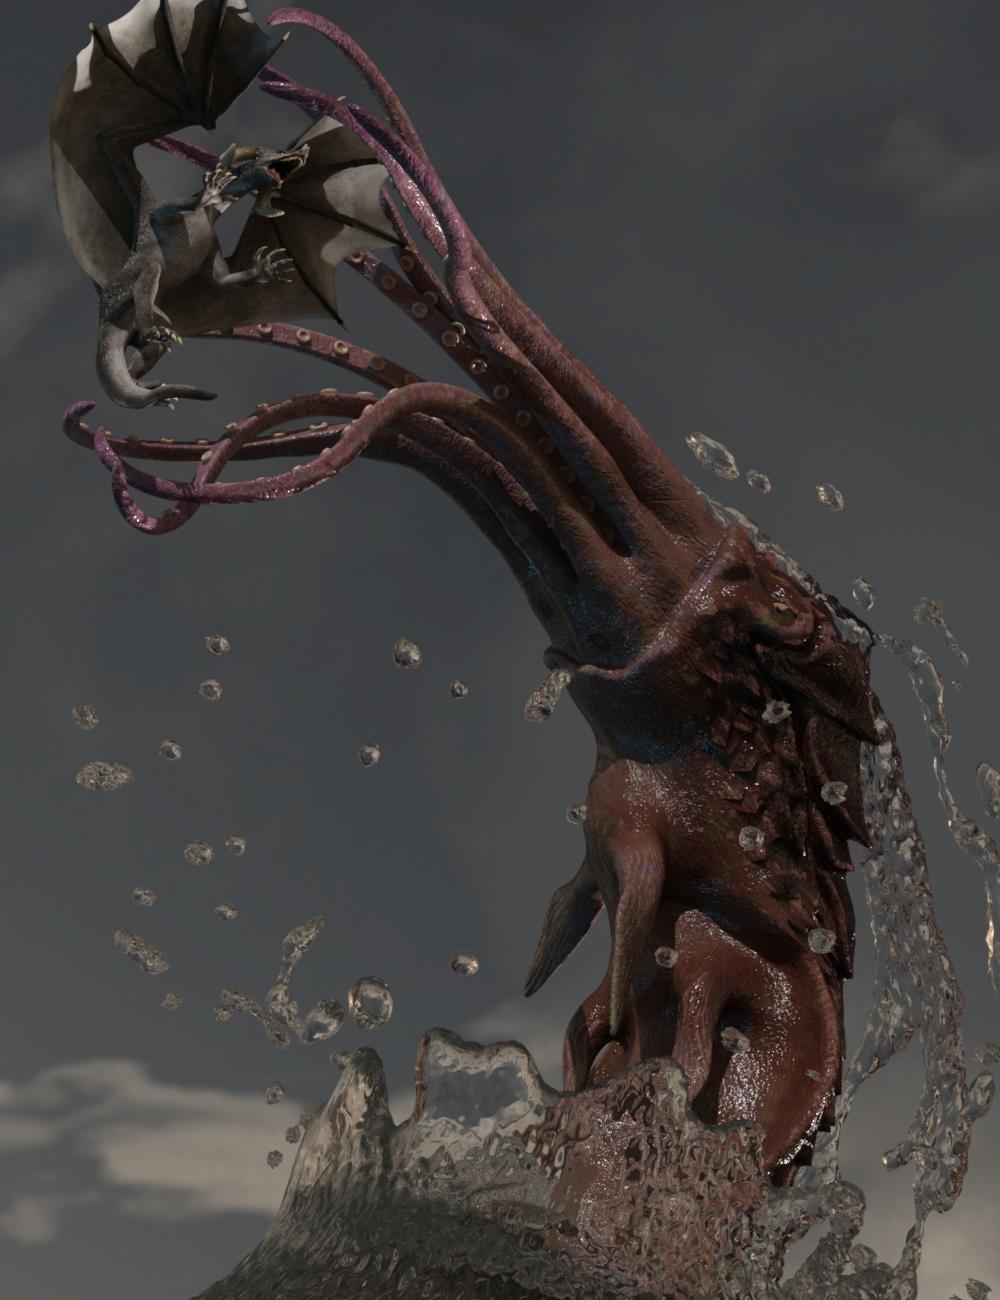 The Great Kraken by: Valandar, 3D Models by Daz 3D